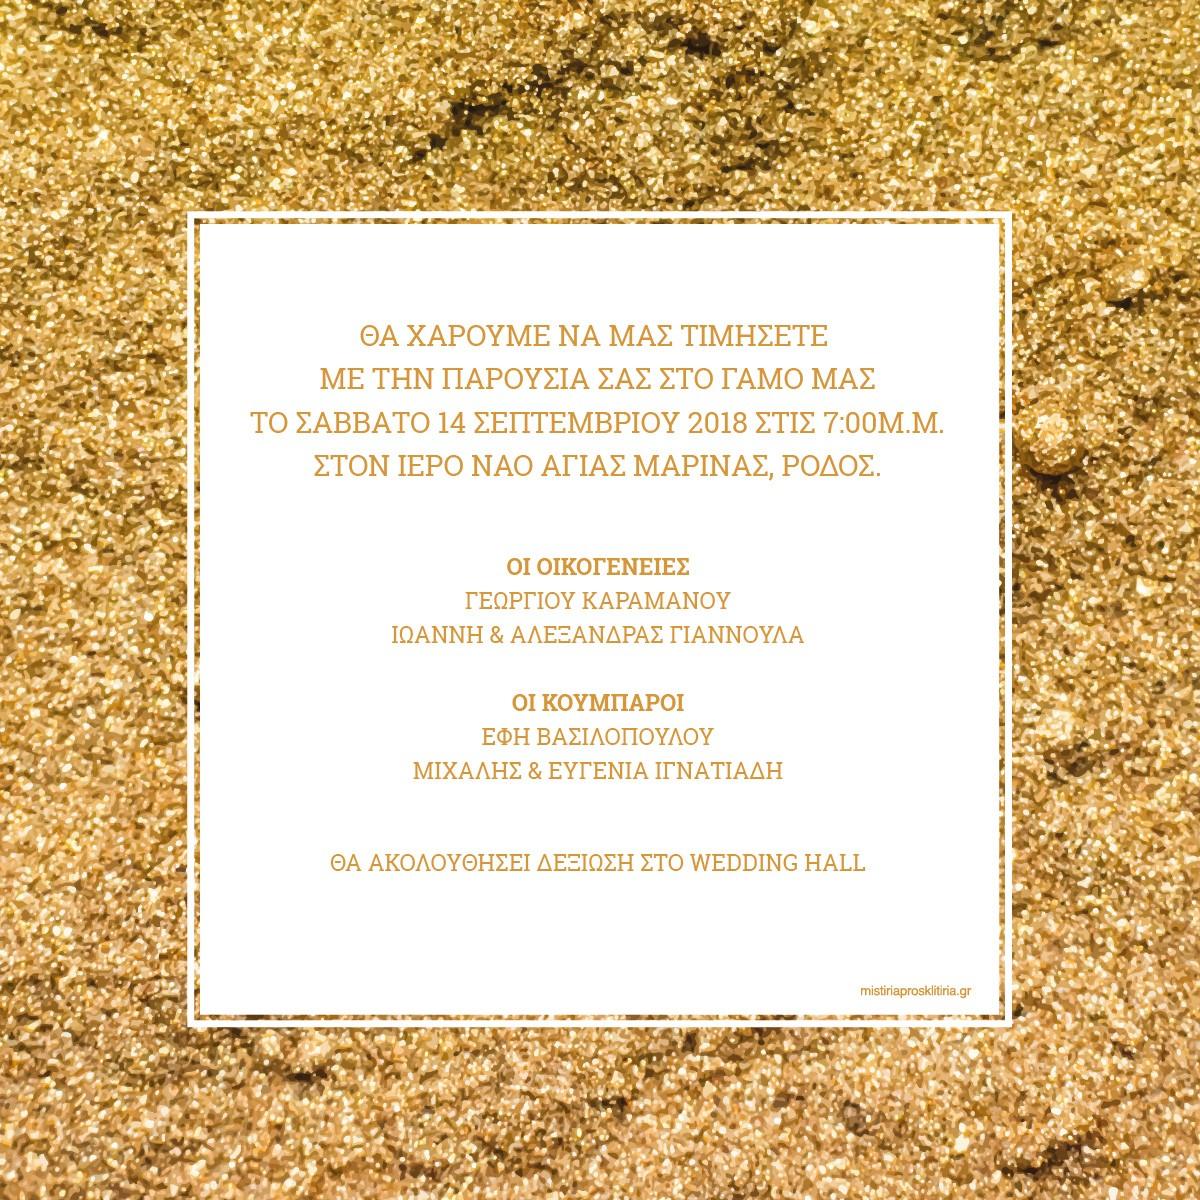 Χρυσόσκονη με καλιγραφία